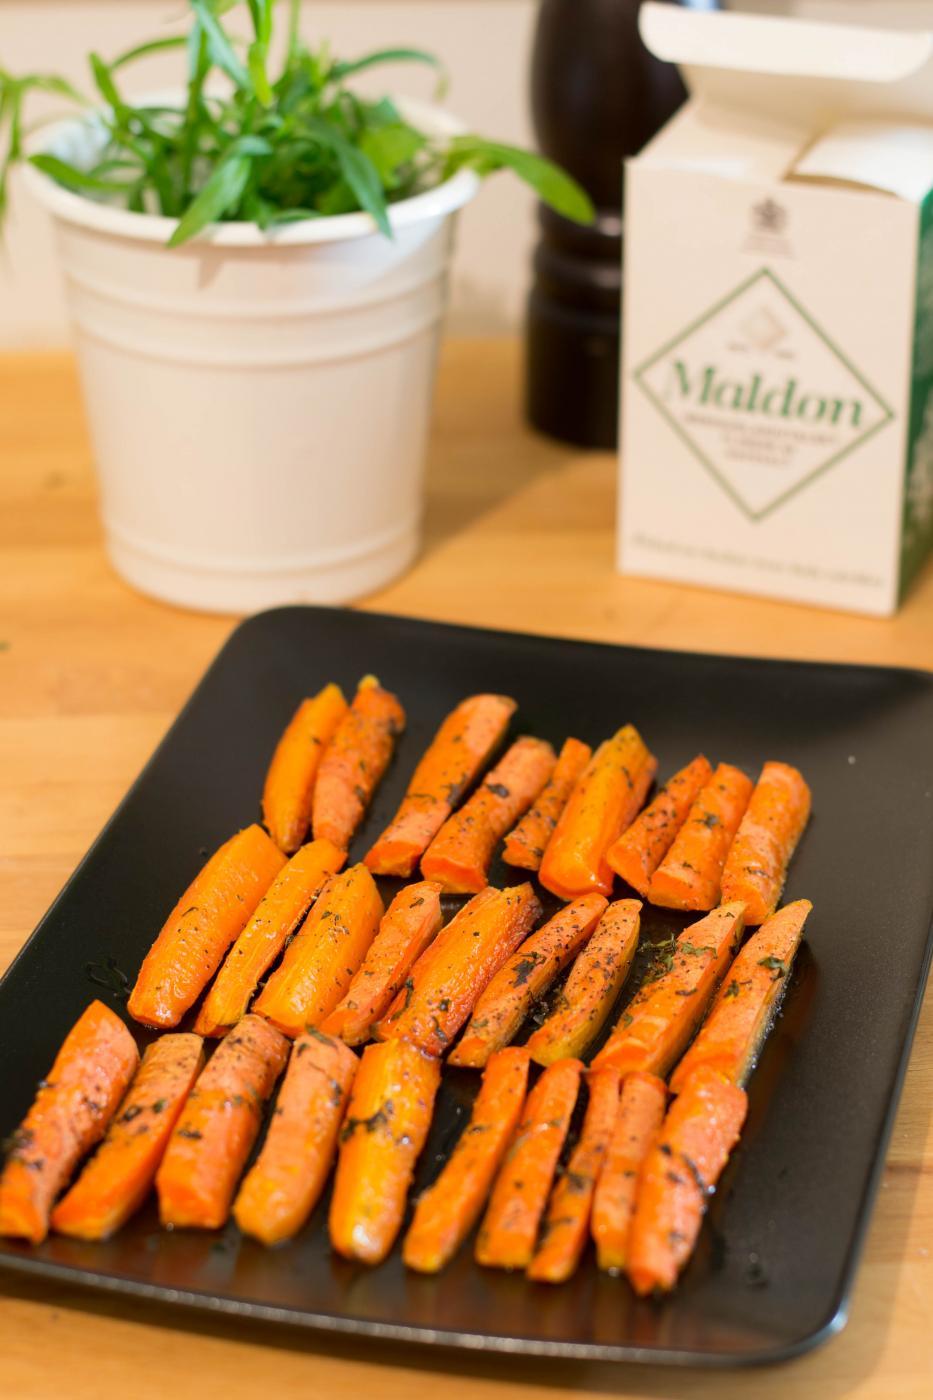 Yksinkertaisuuden ylistys: Paahdetut porkkanat